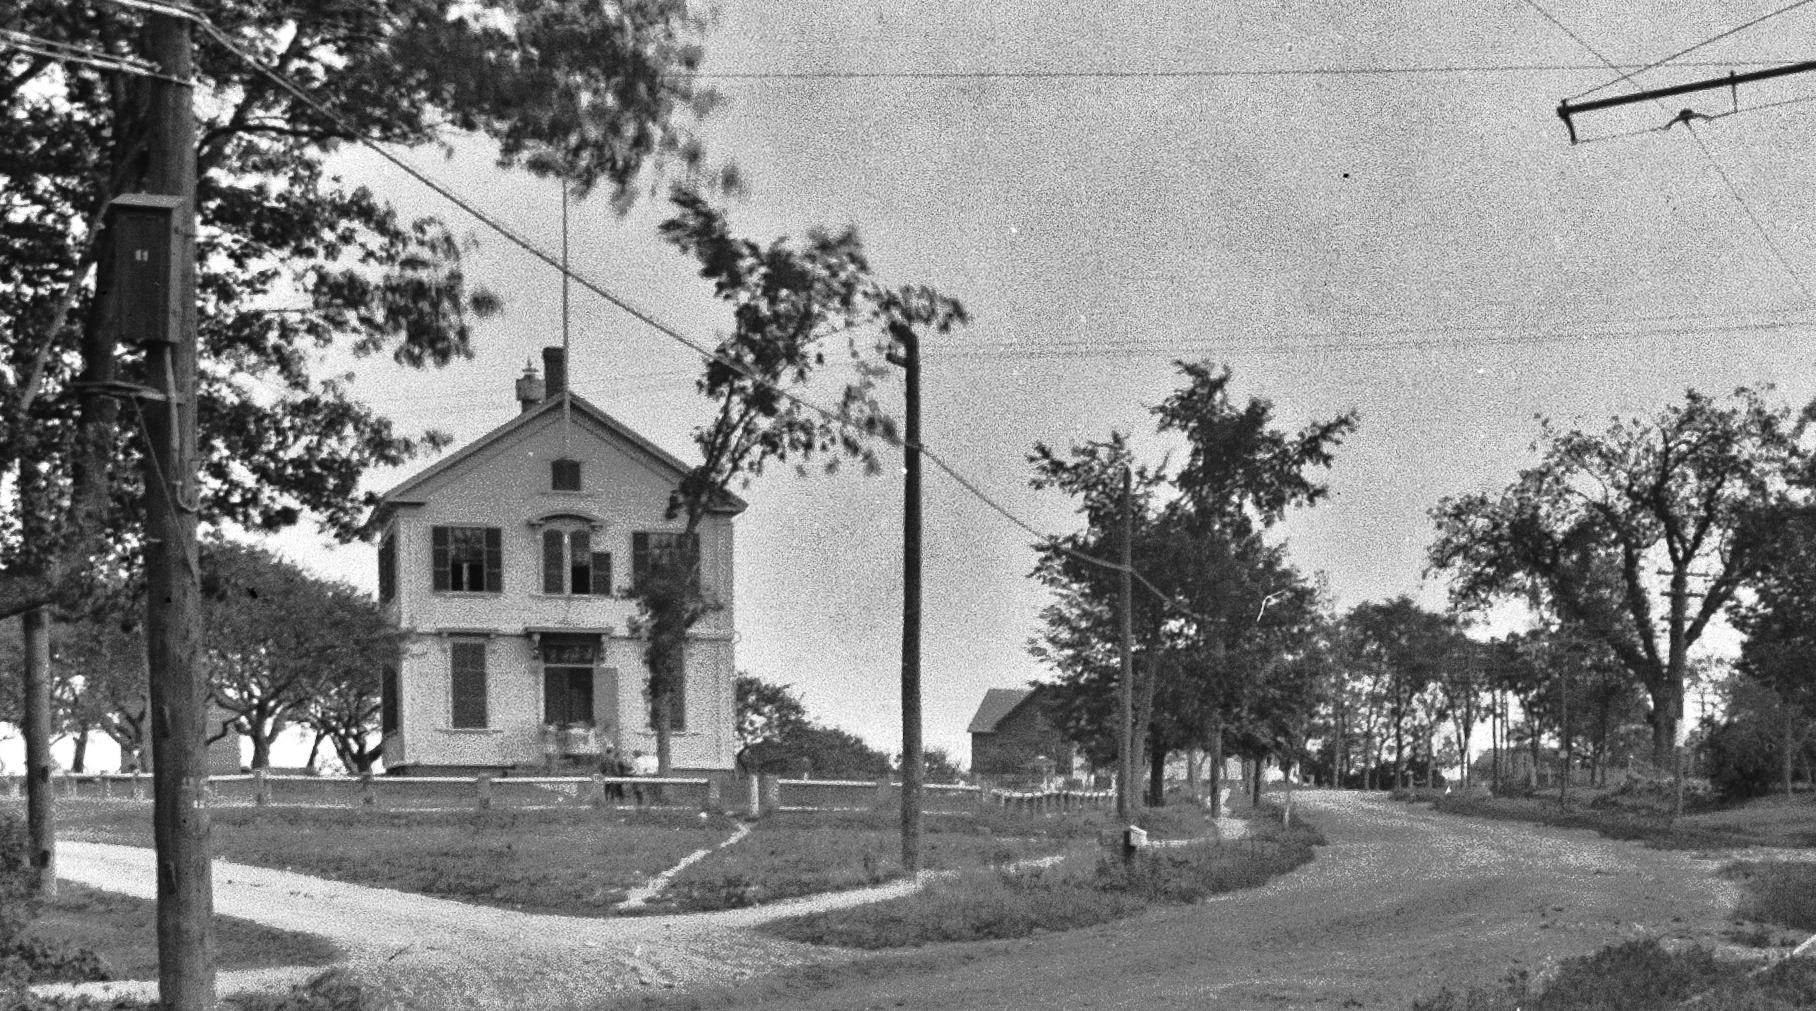 East End School (1873-1922)